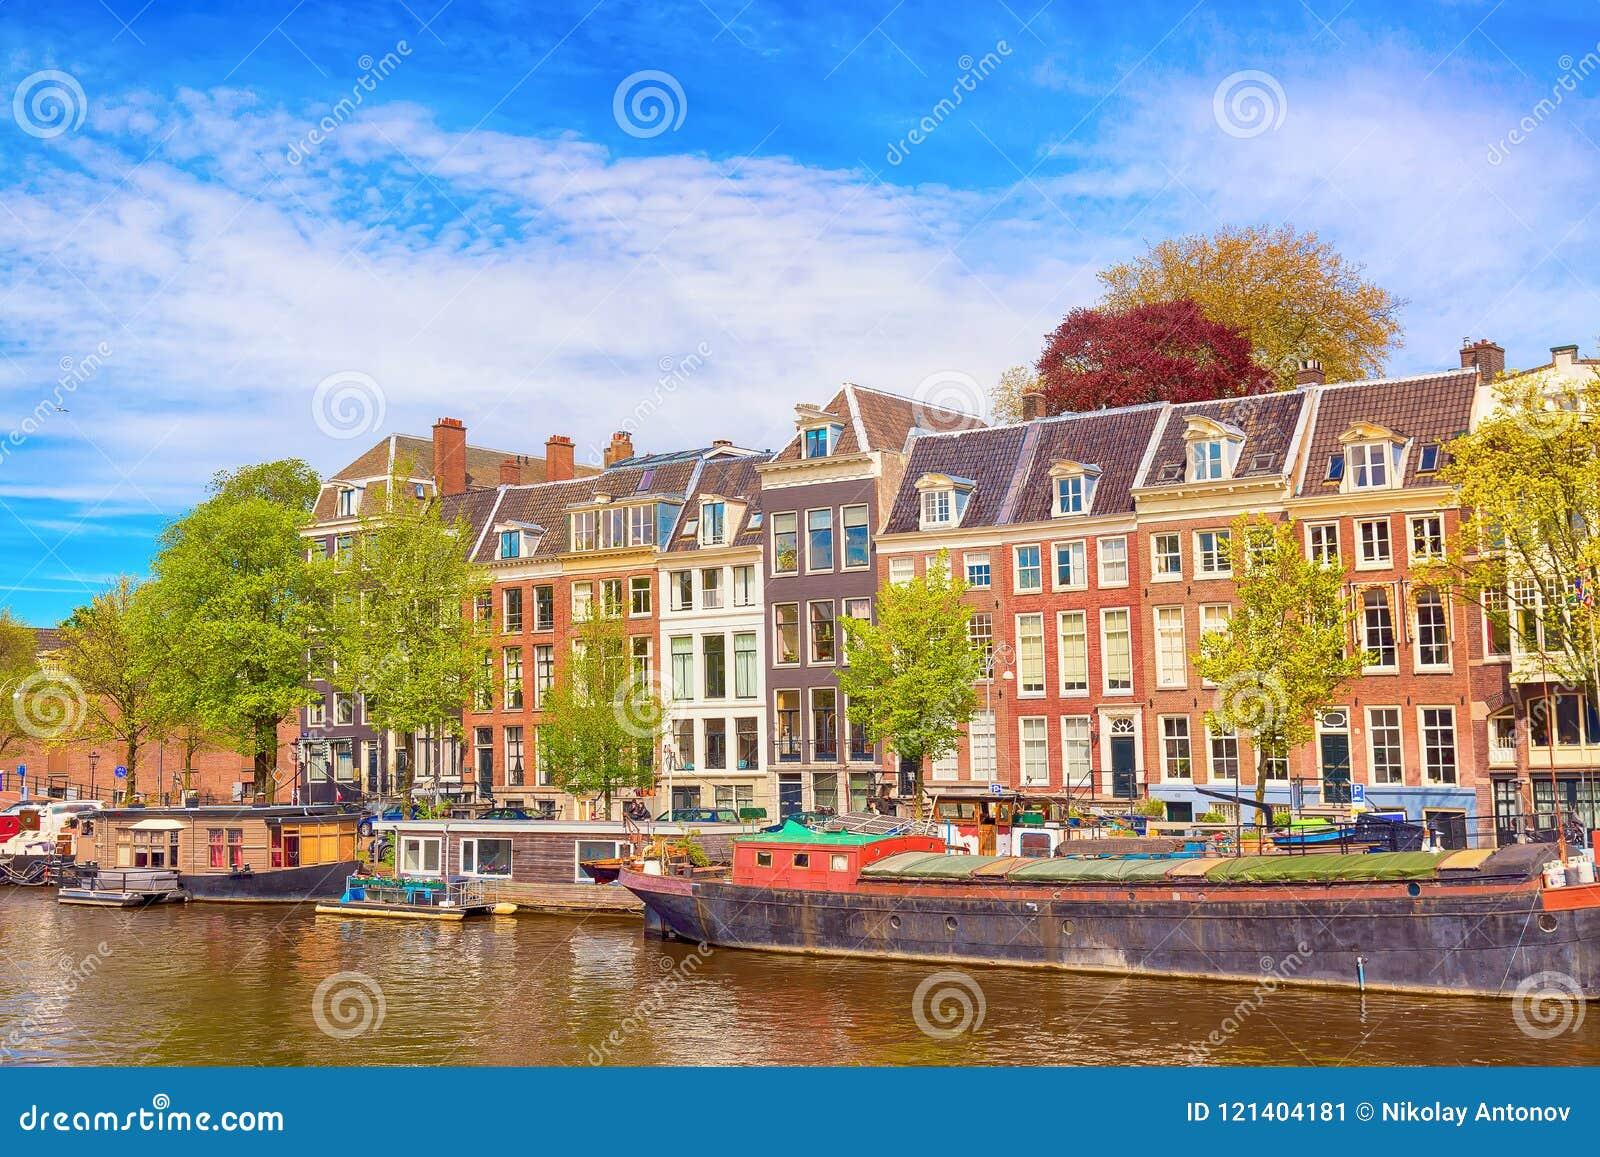 Opinión del paisaje urbano del canal de Amsterdam en verano con un cielo azul, barcos de casa y casas viejas tradicionales Pintor